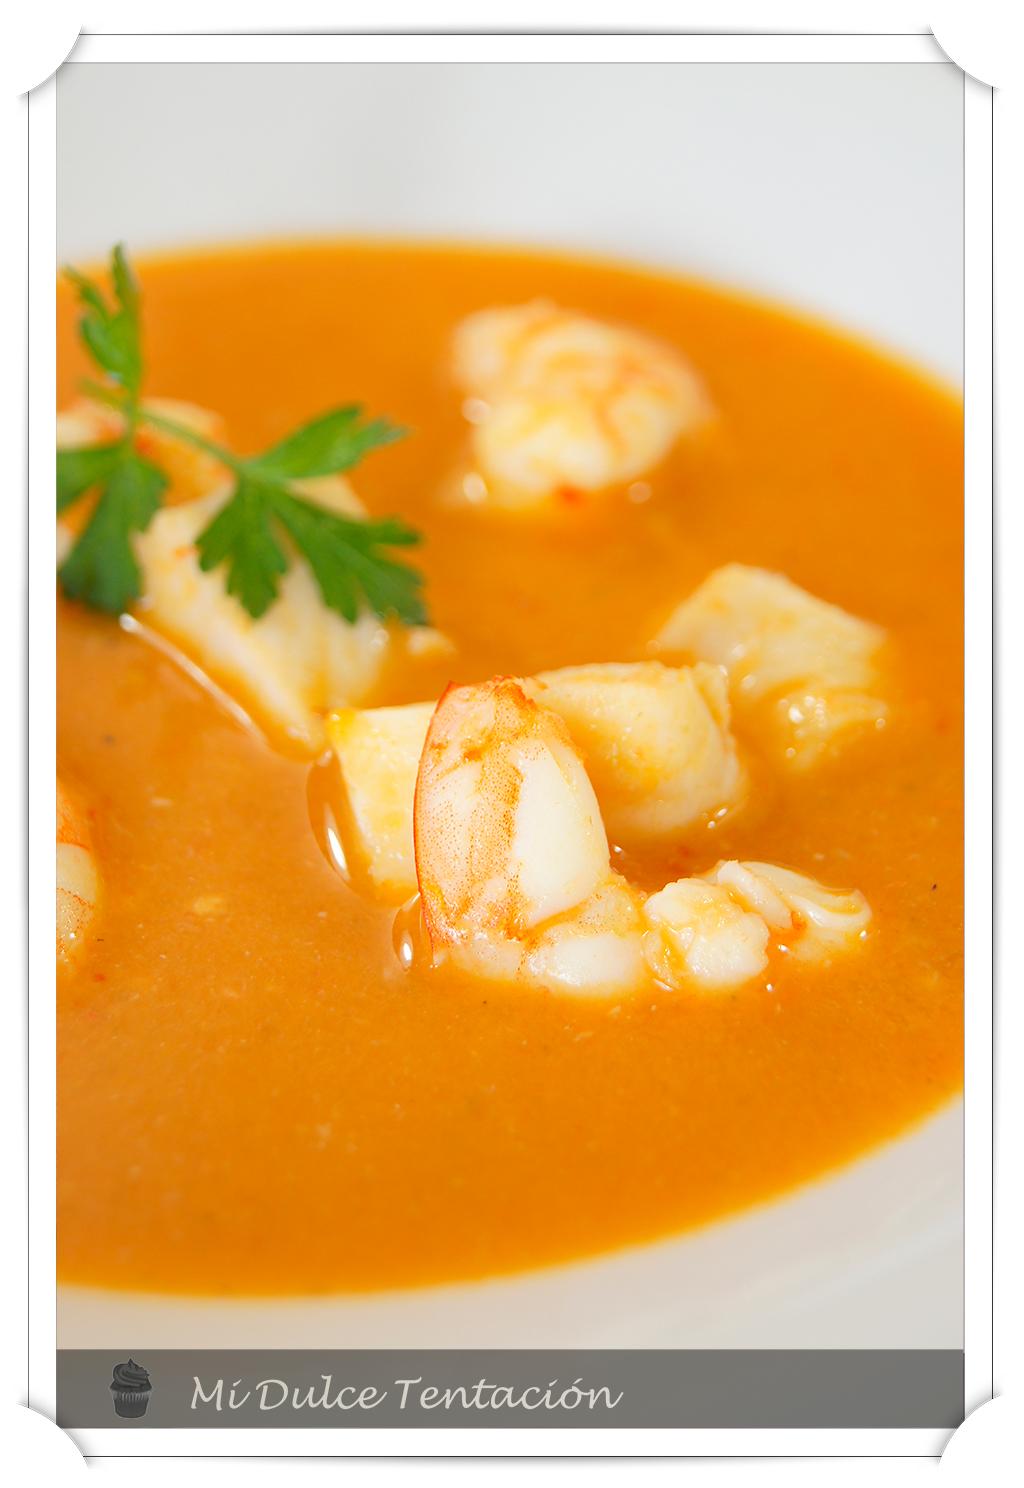 Mi dulce tentaci n sopa de marisco y pescado - Sopa de marisco y pescado ...